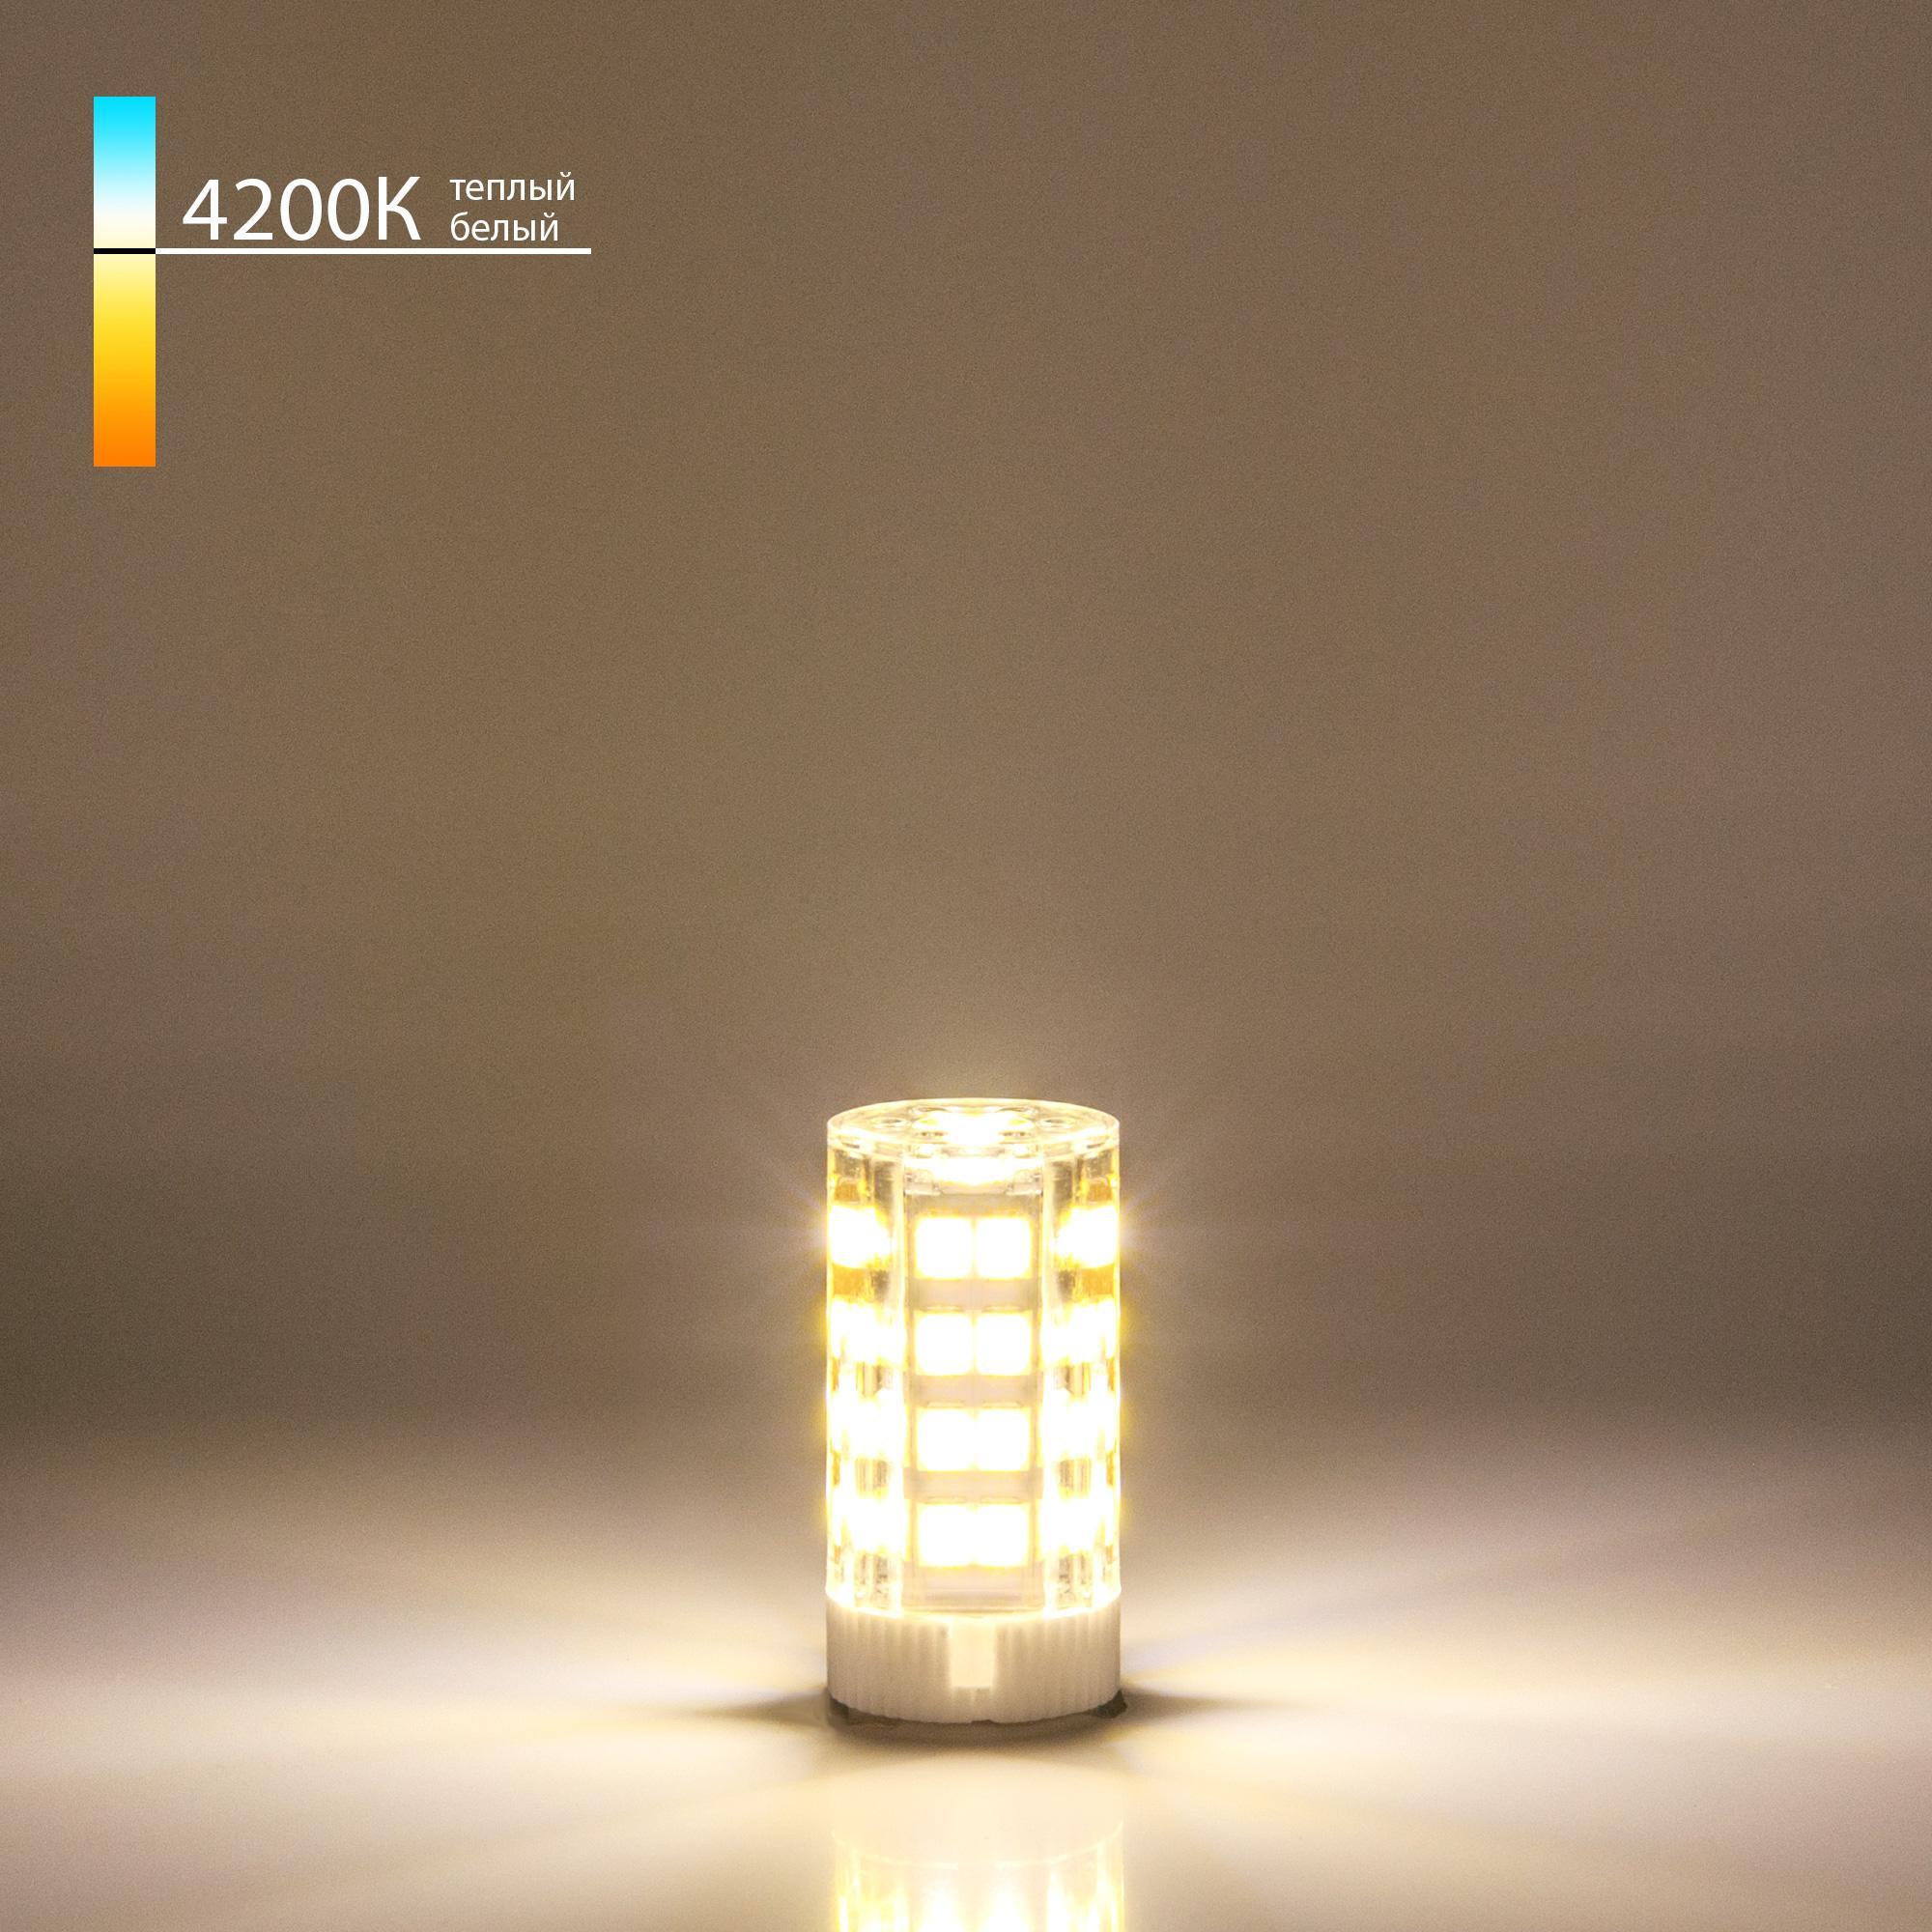 G9 LED 7W 220V 4200K